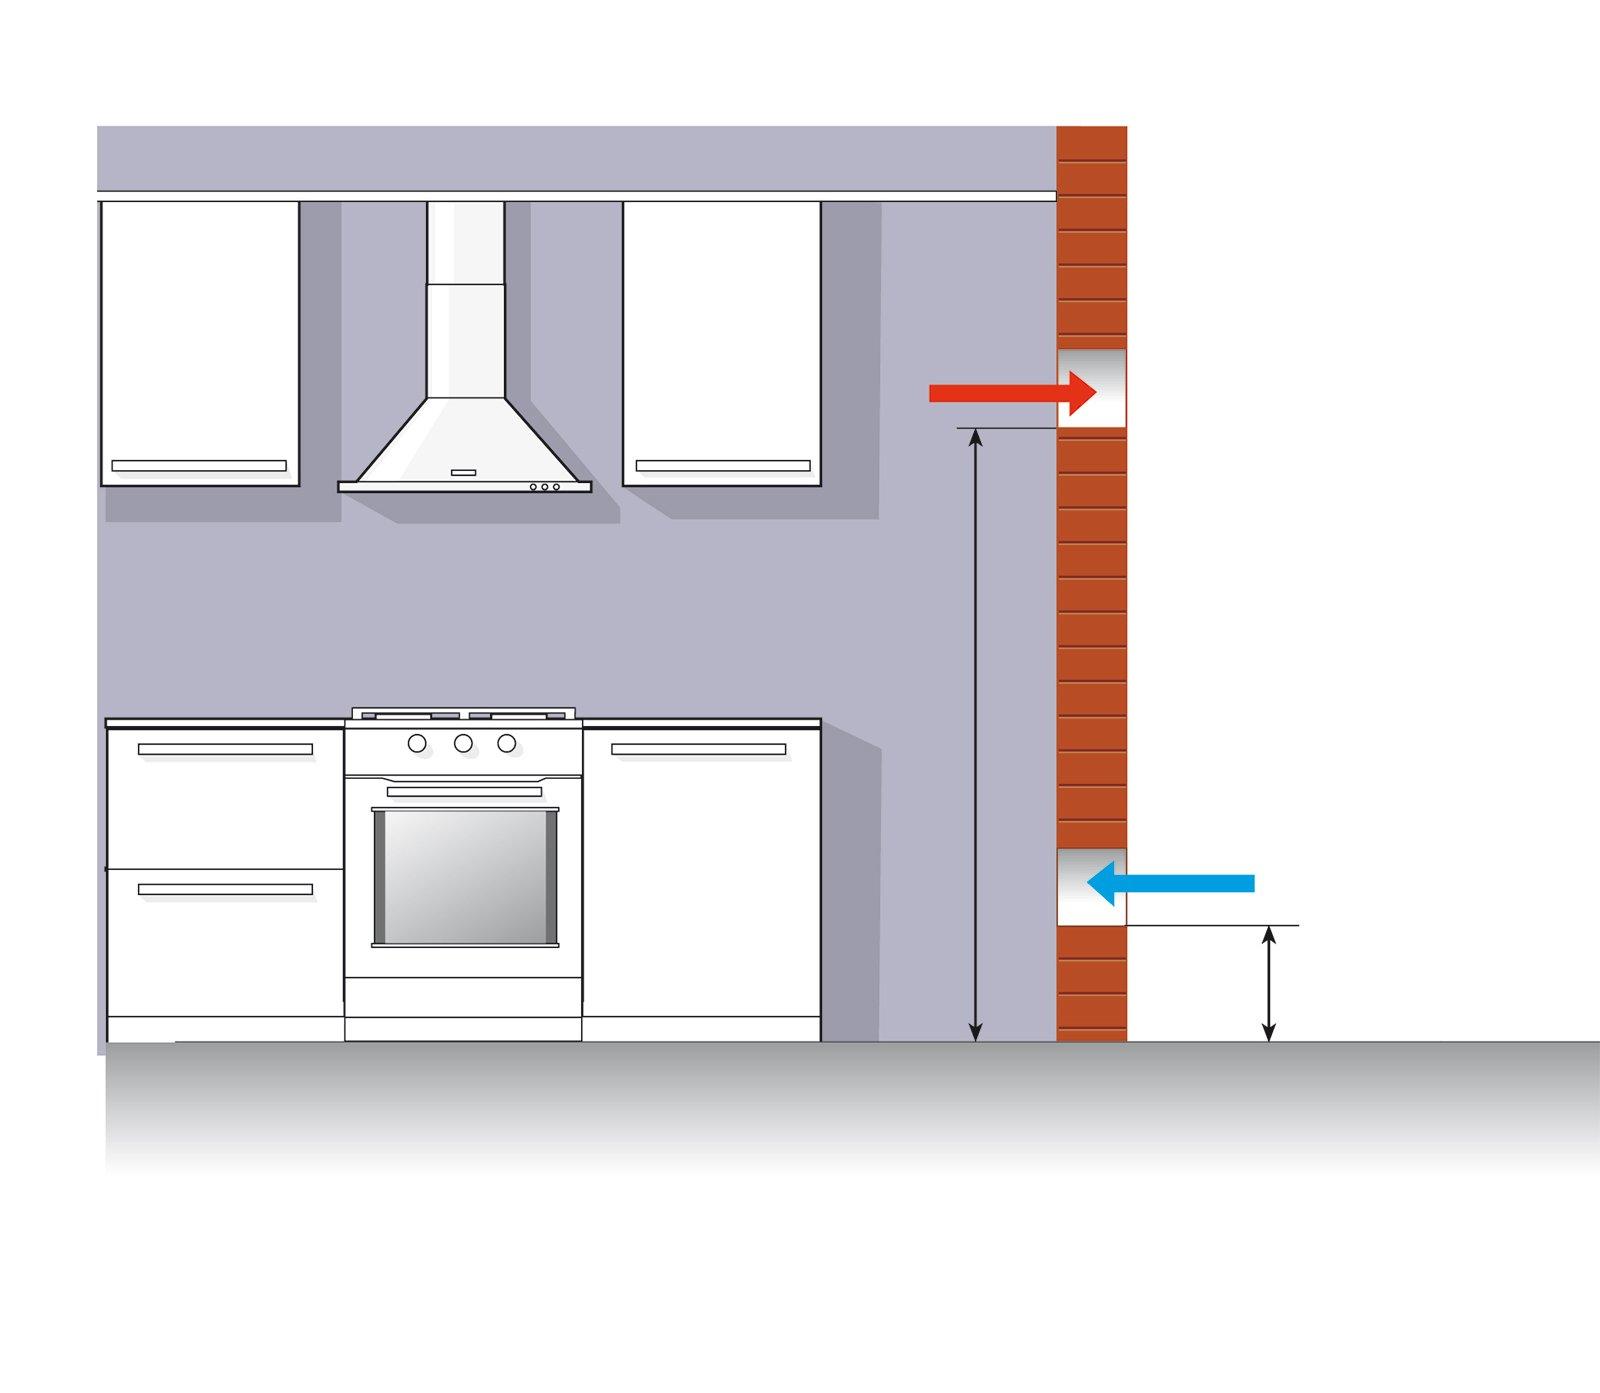 Altezza Scarico Lavandino Cucina.Impianti Per La Cucina Che Cosa C E Da Sapere Cose Di Casa